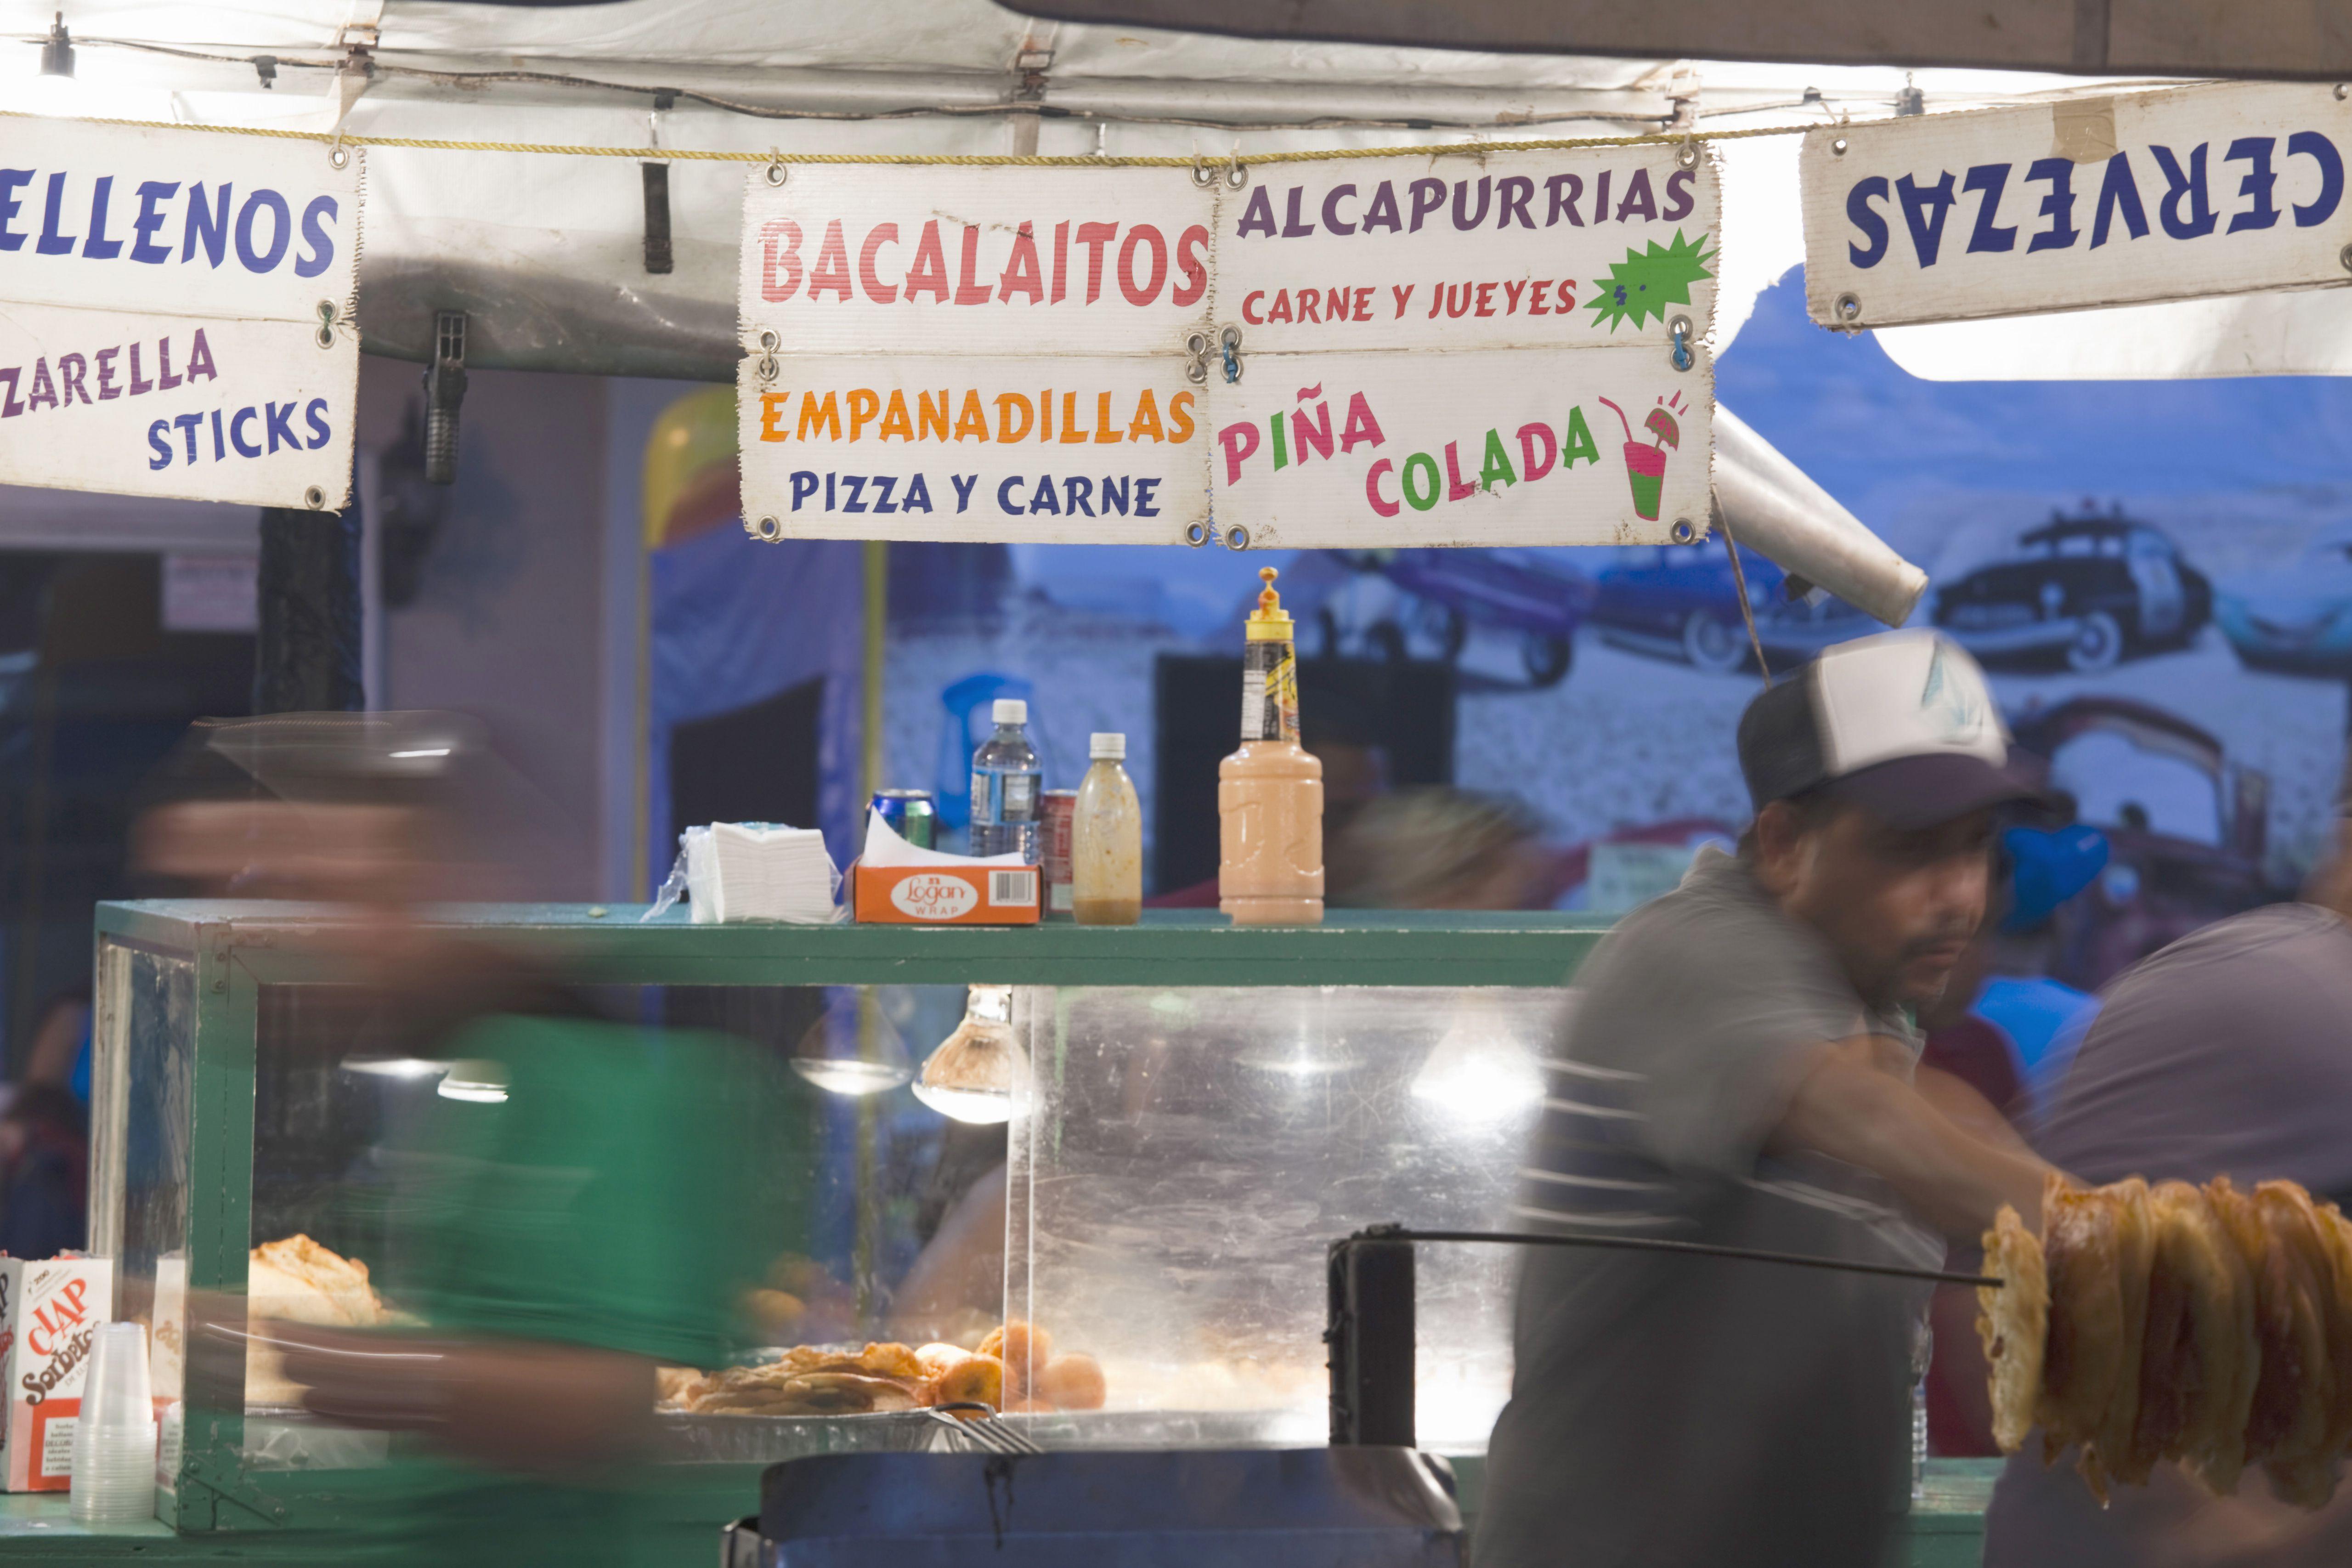 Fiesta food stand, evening, Plaza Las Delicias, Ponce, South Coast, Puerto Rico